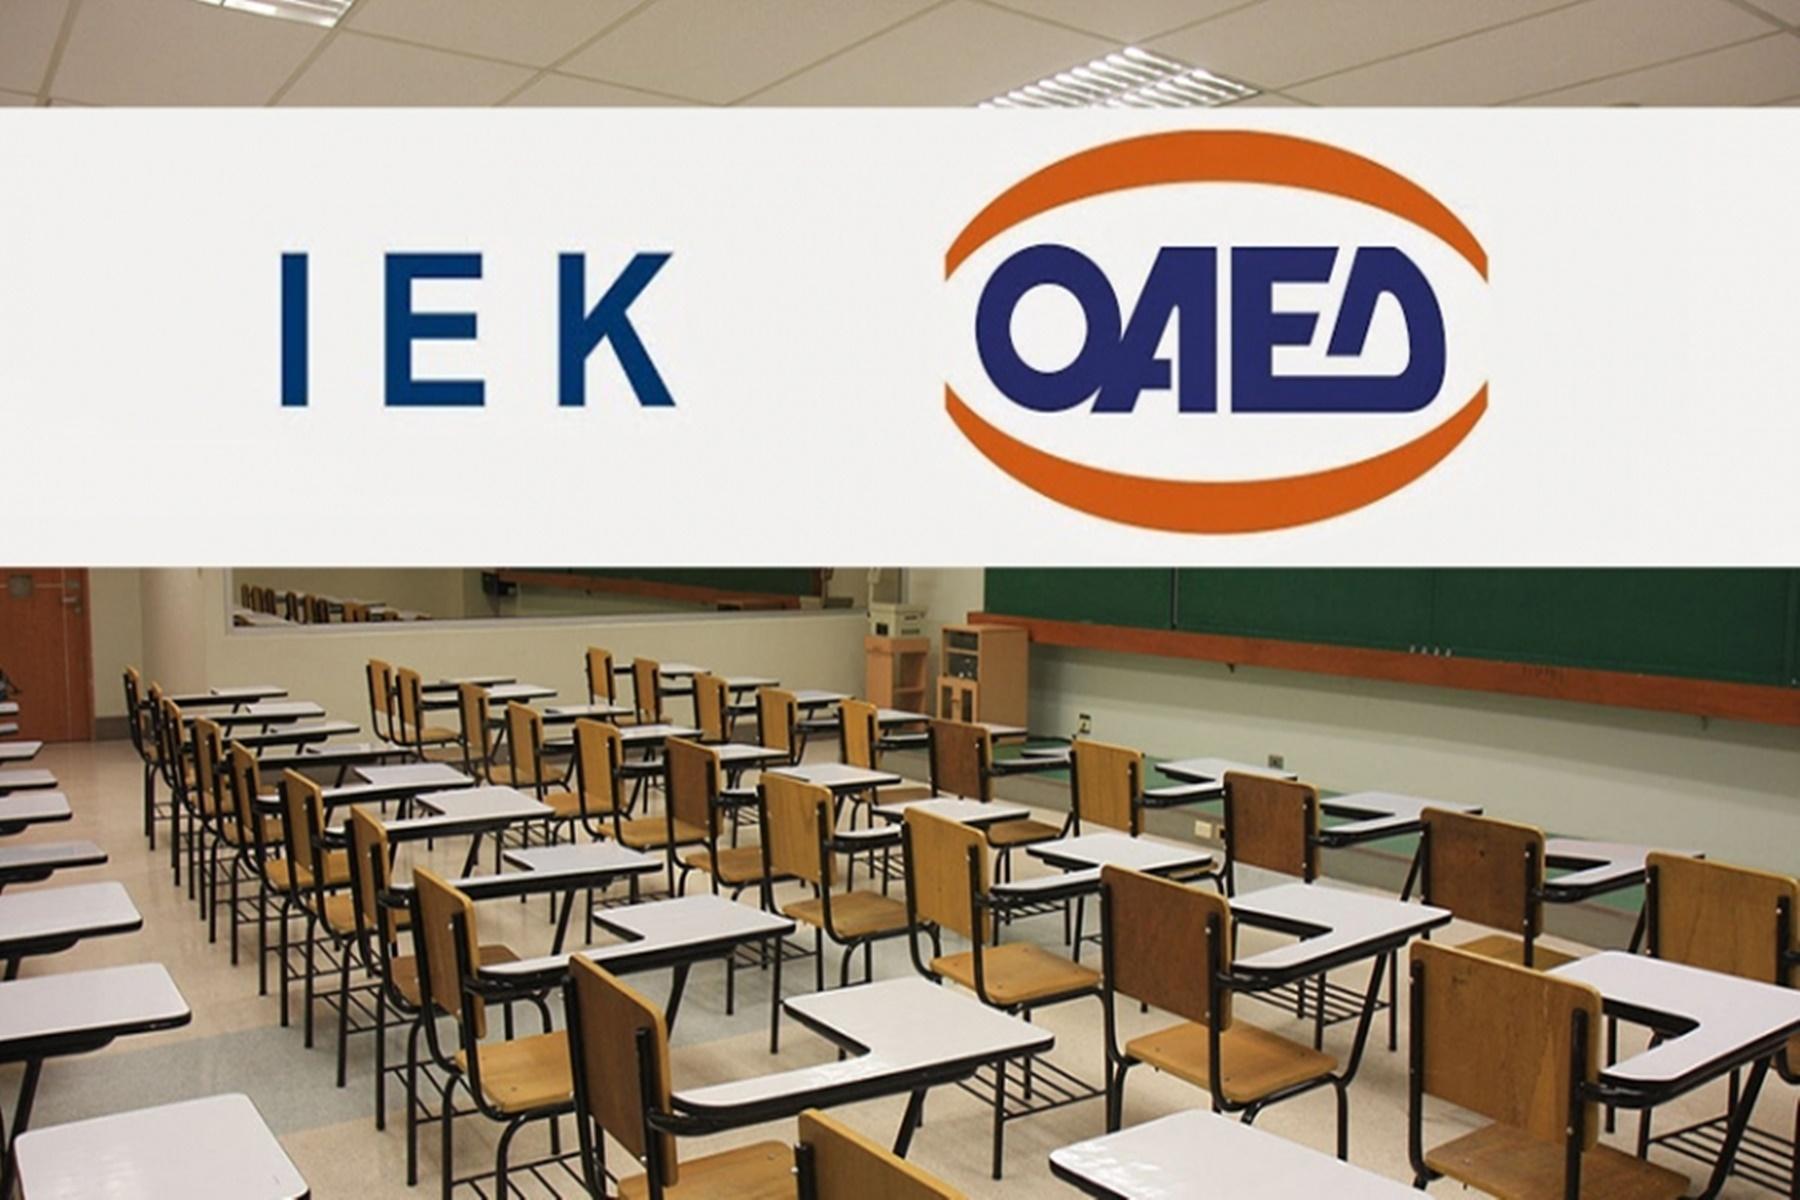 ΟΑΕΔ ΙΕΚ :  Έναρξη των αιτήσεων για υποψήφιους σπουδαστές